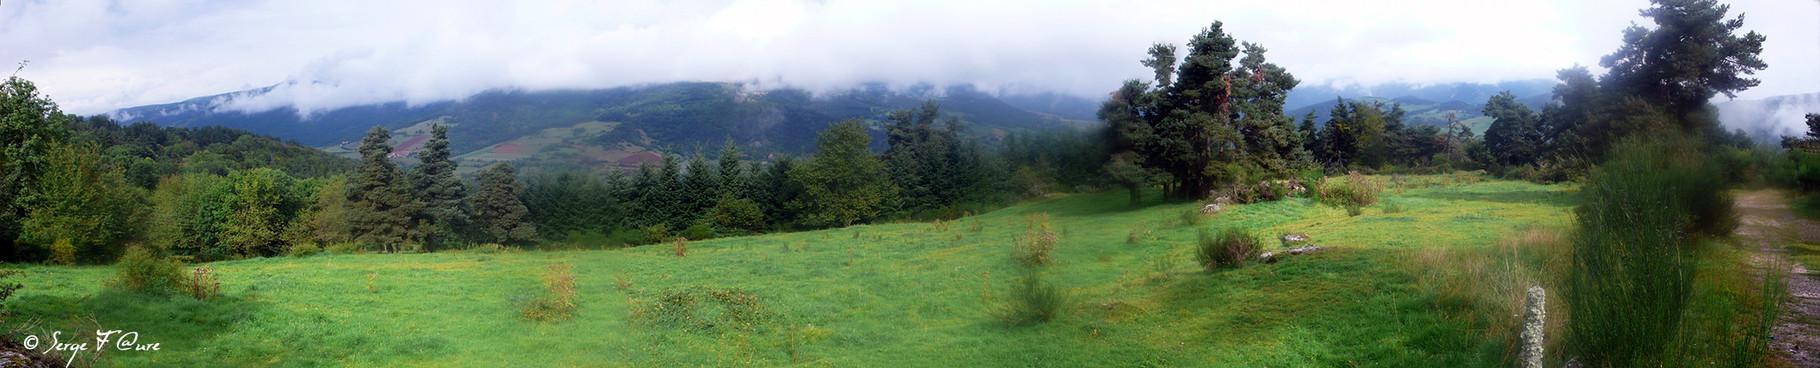 En allant vers Saugues - France - Sur le chemin de St Jacques de Compostelle (santiago de compostela) - Le Chemin du Puy ou Via Podiensis (variante par Rocamadour)